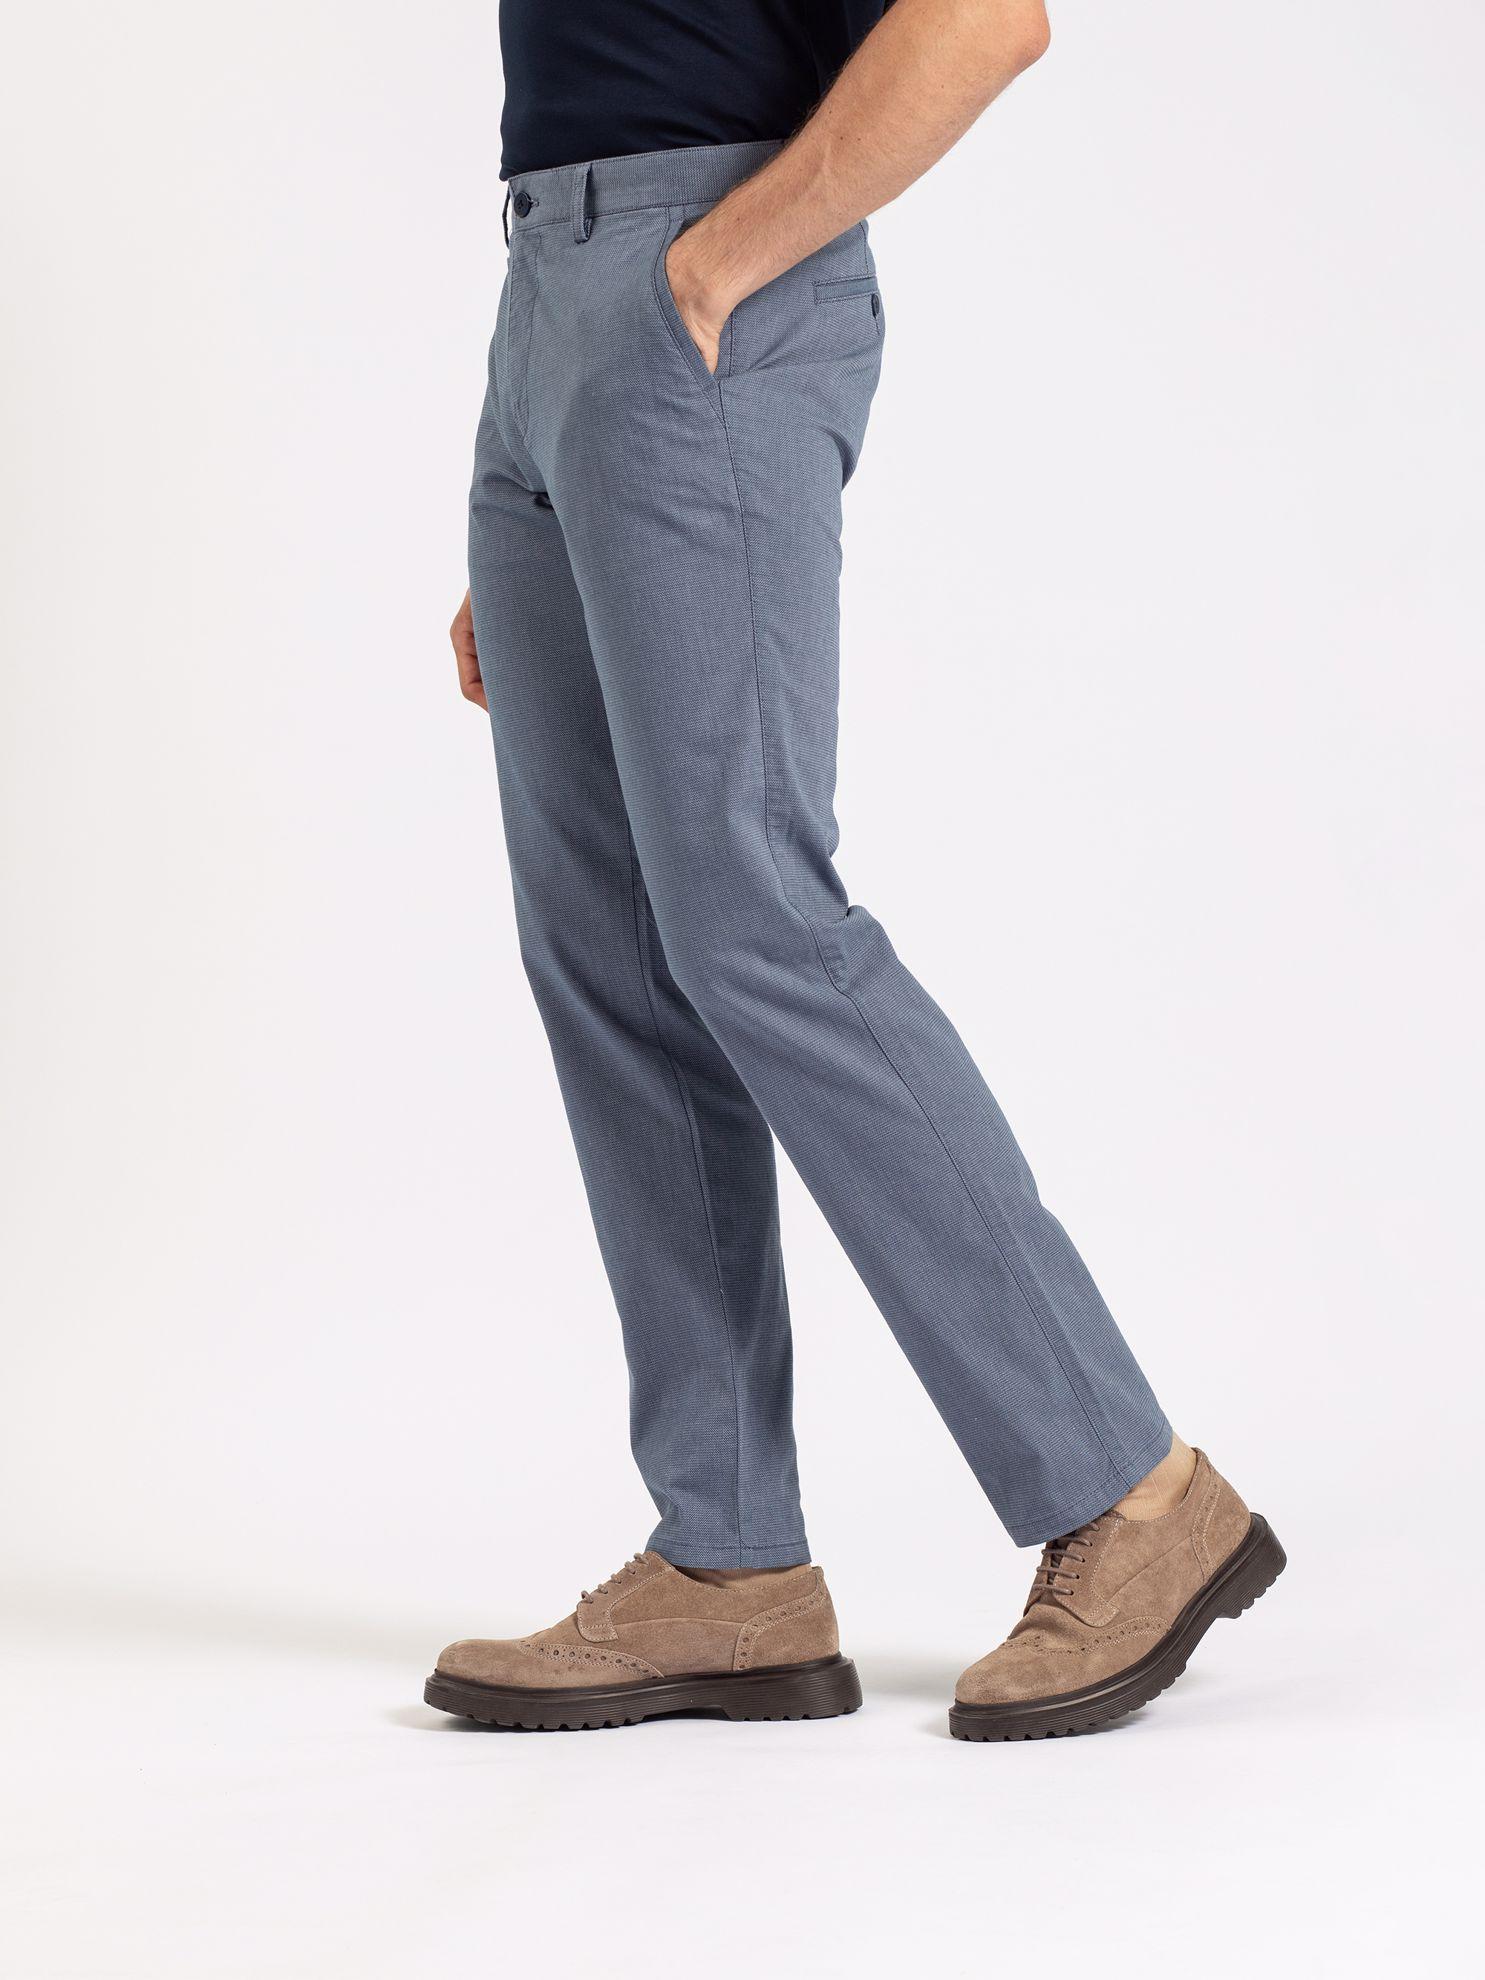 Karaca Erkek 6 Drop Pantolon-Mavi. ürün görseli